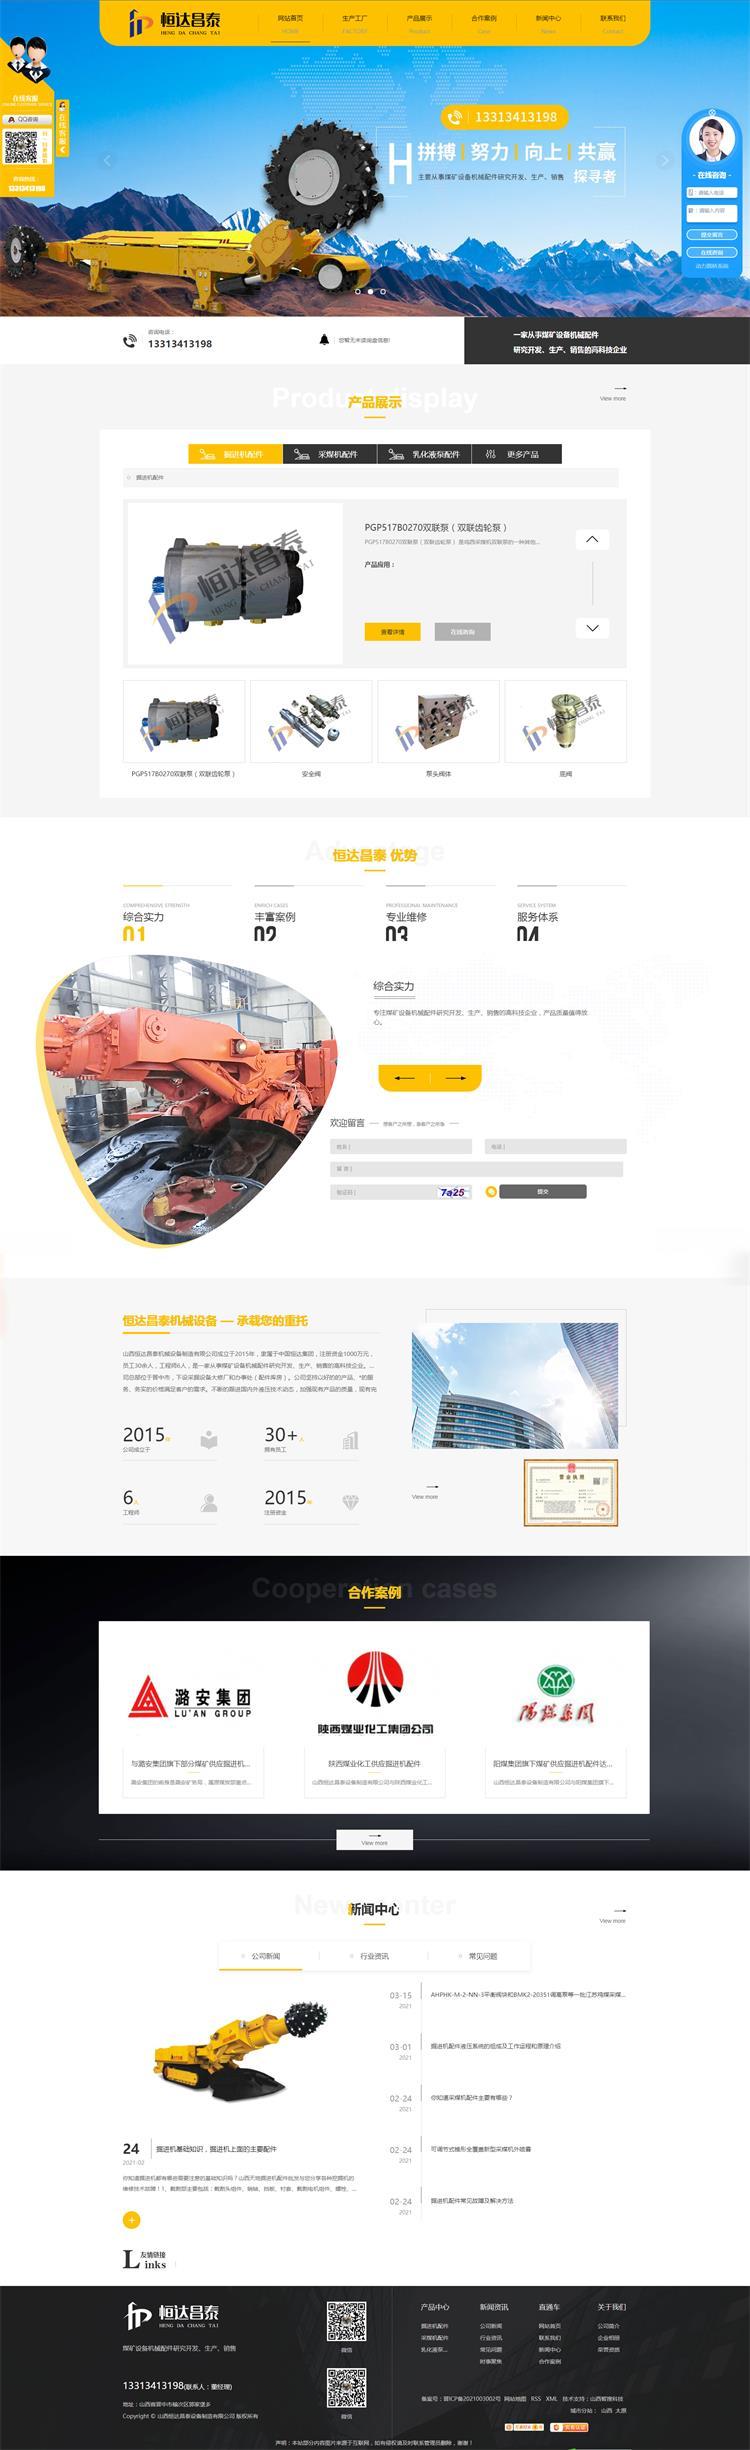 山西恒达昌泰设备制造有限公司|营销型网站案例